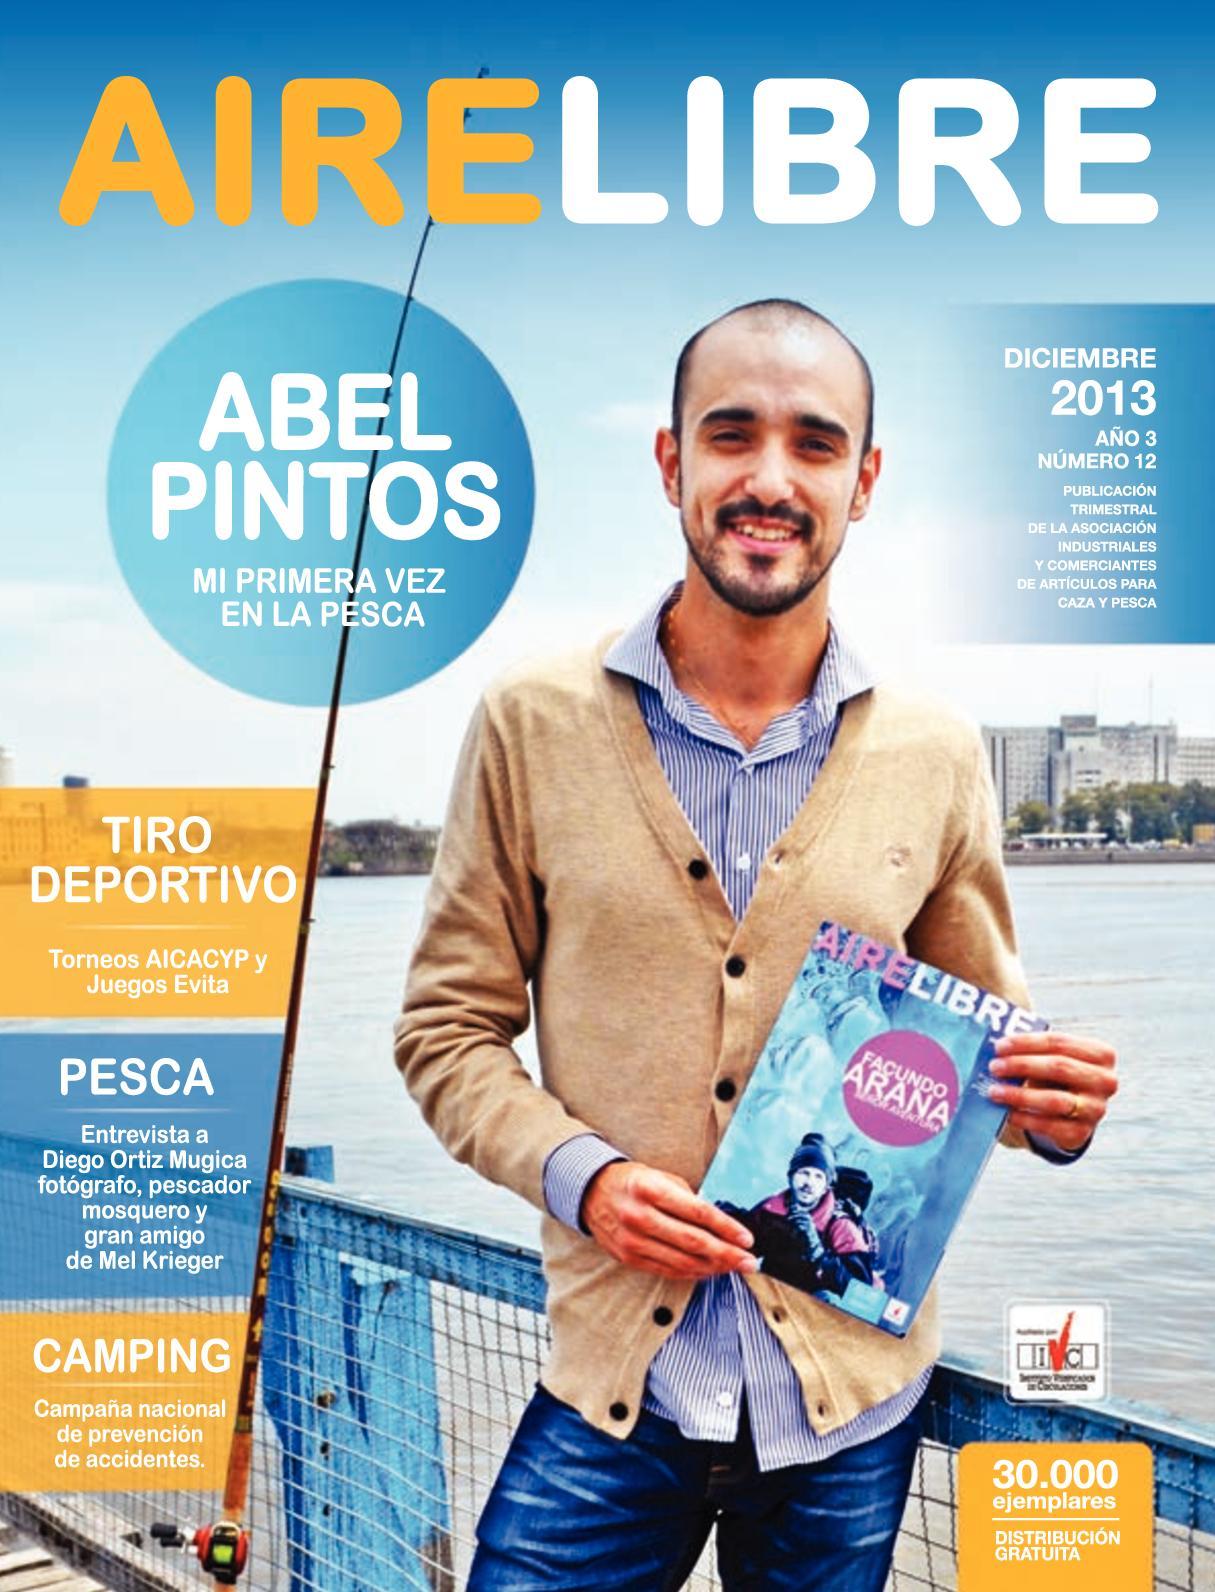 9f1eb463d4b11 Calaméo - Revista AIRE LIBRE 12